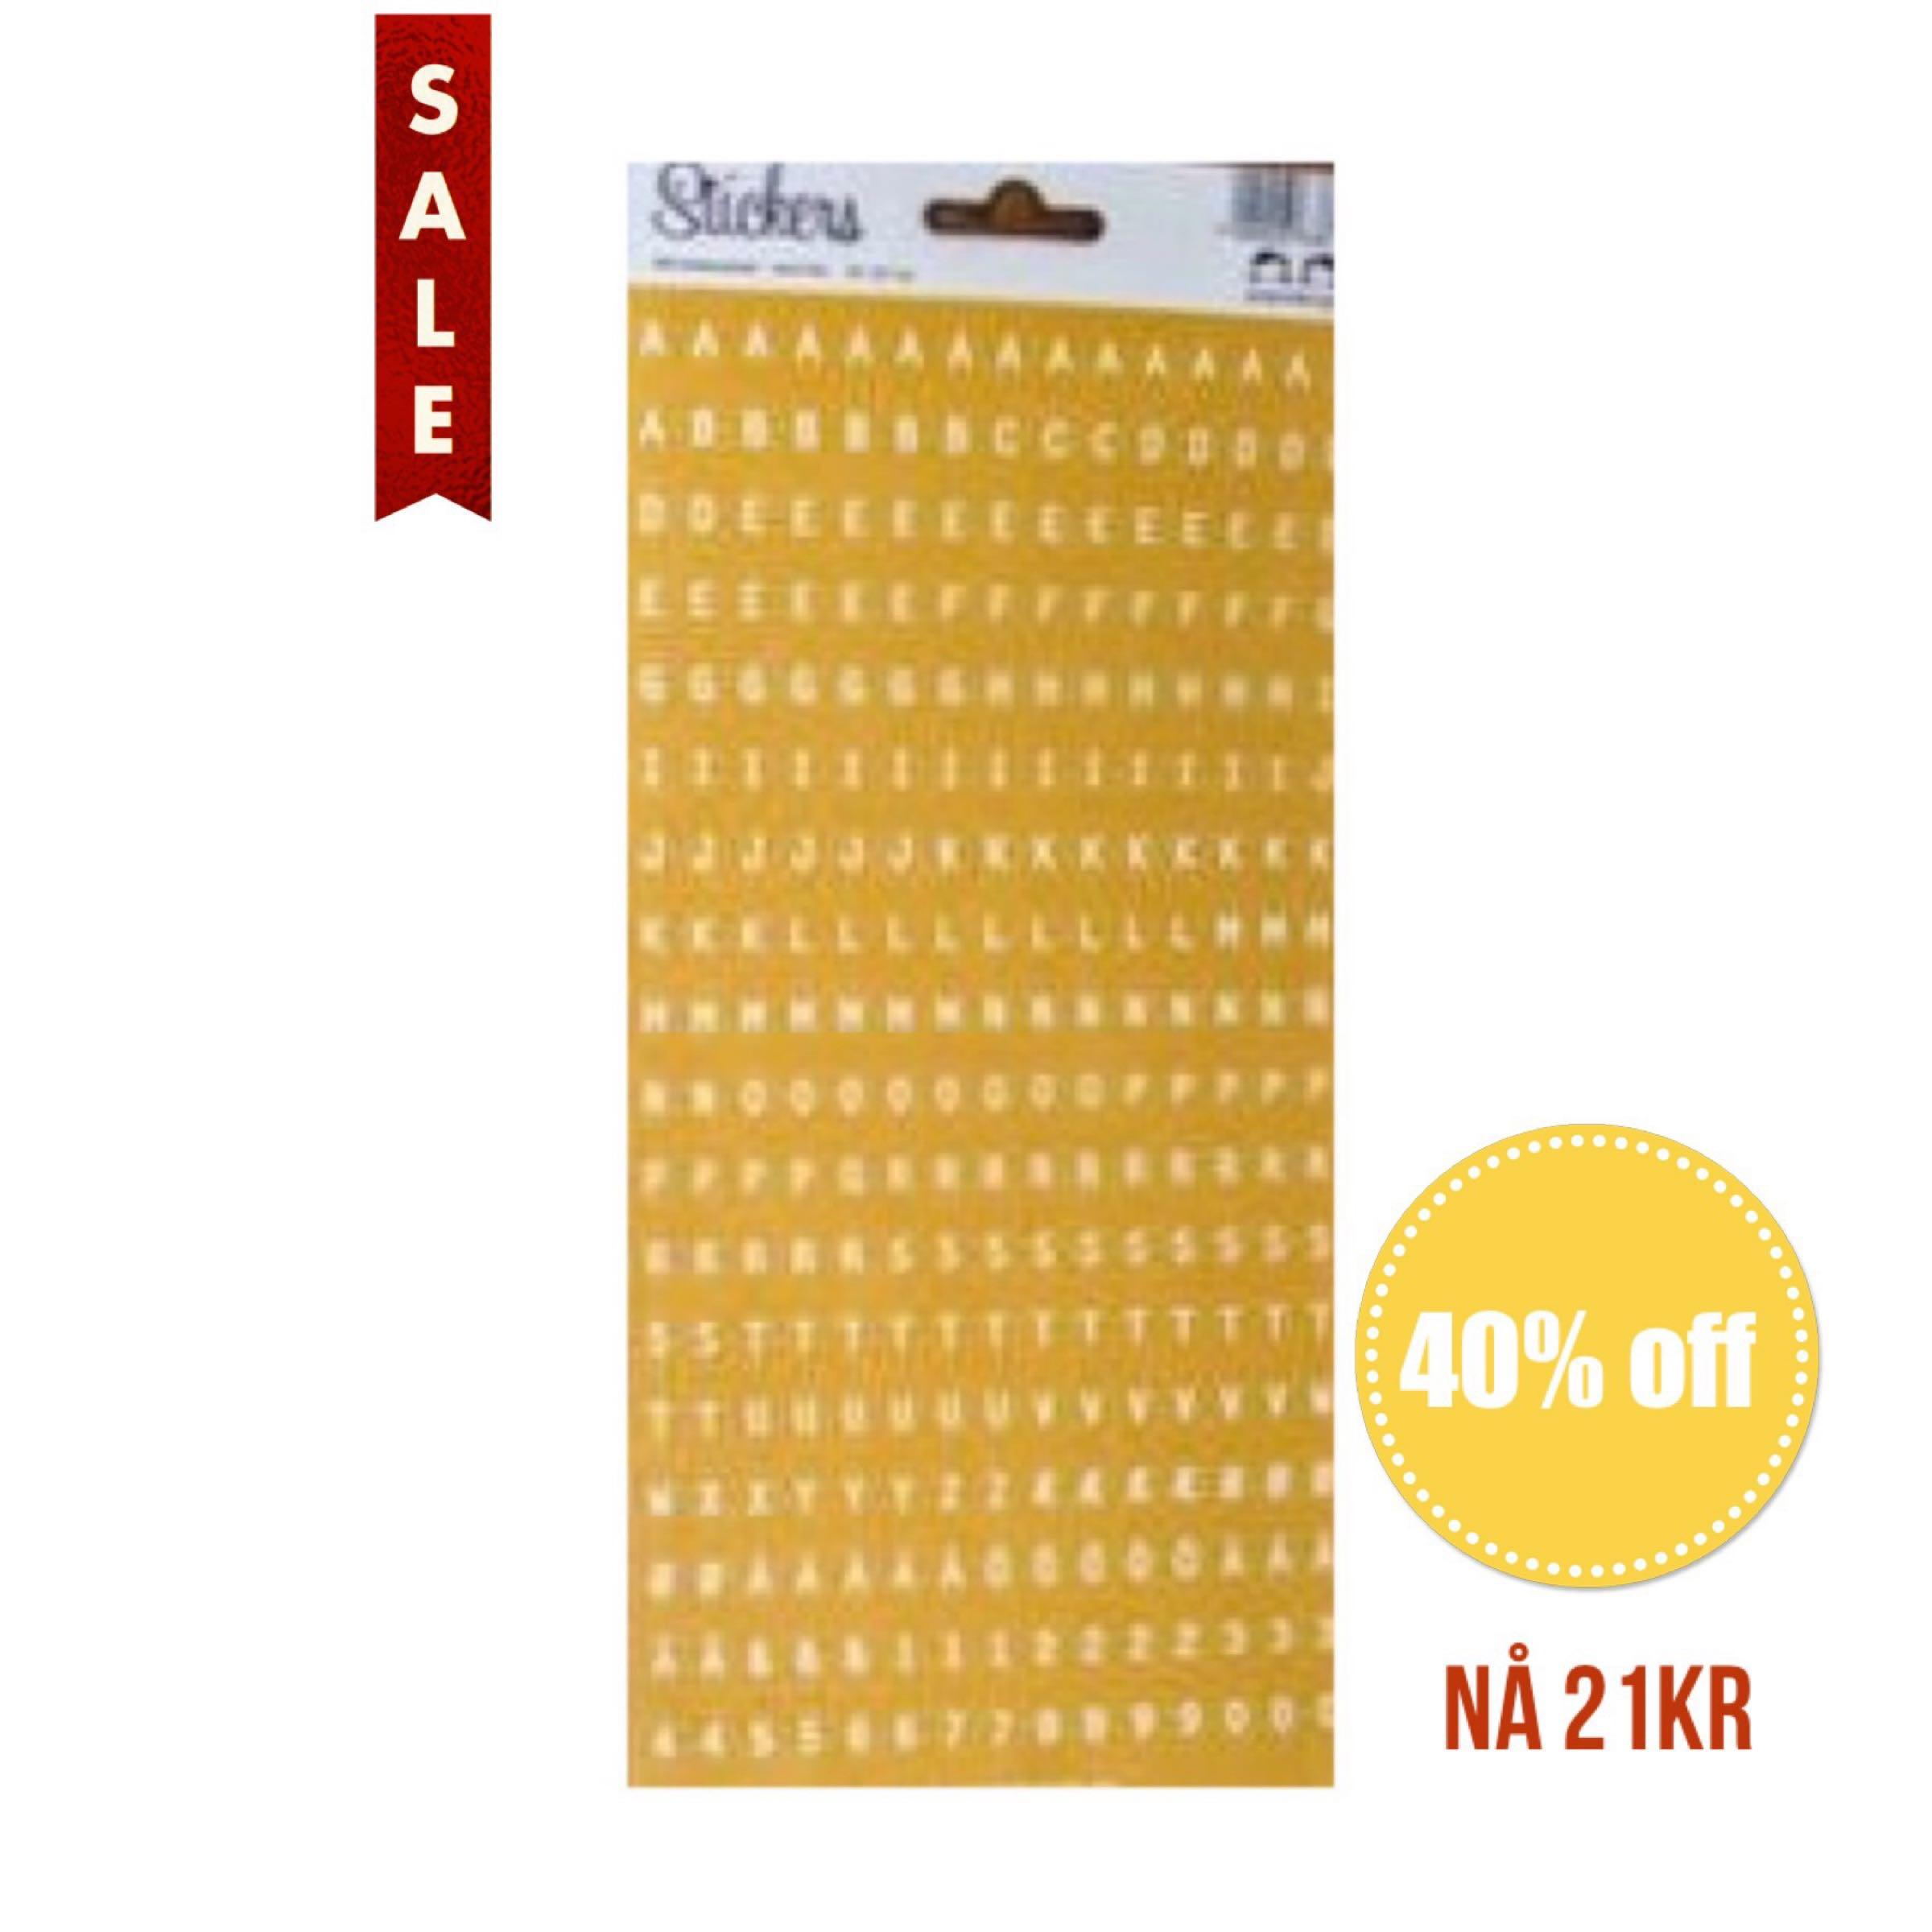 Papirdesign Alphabet Stickers / Klistremerker Alfabet - Gul / Yellow